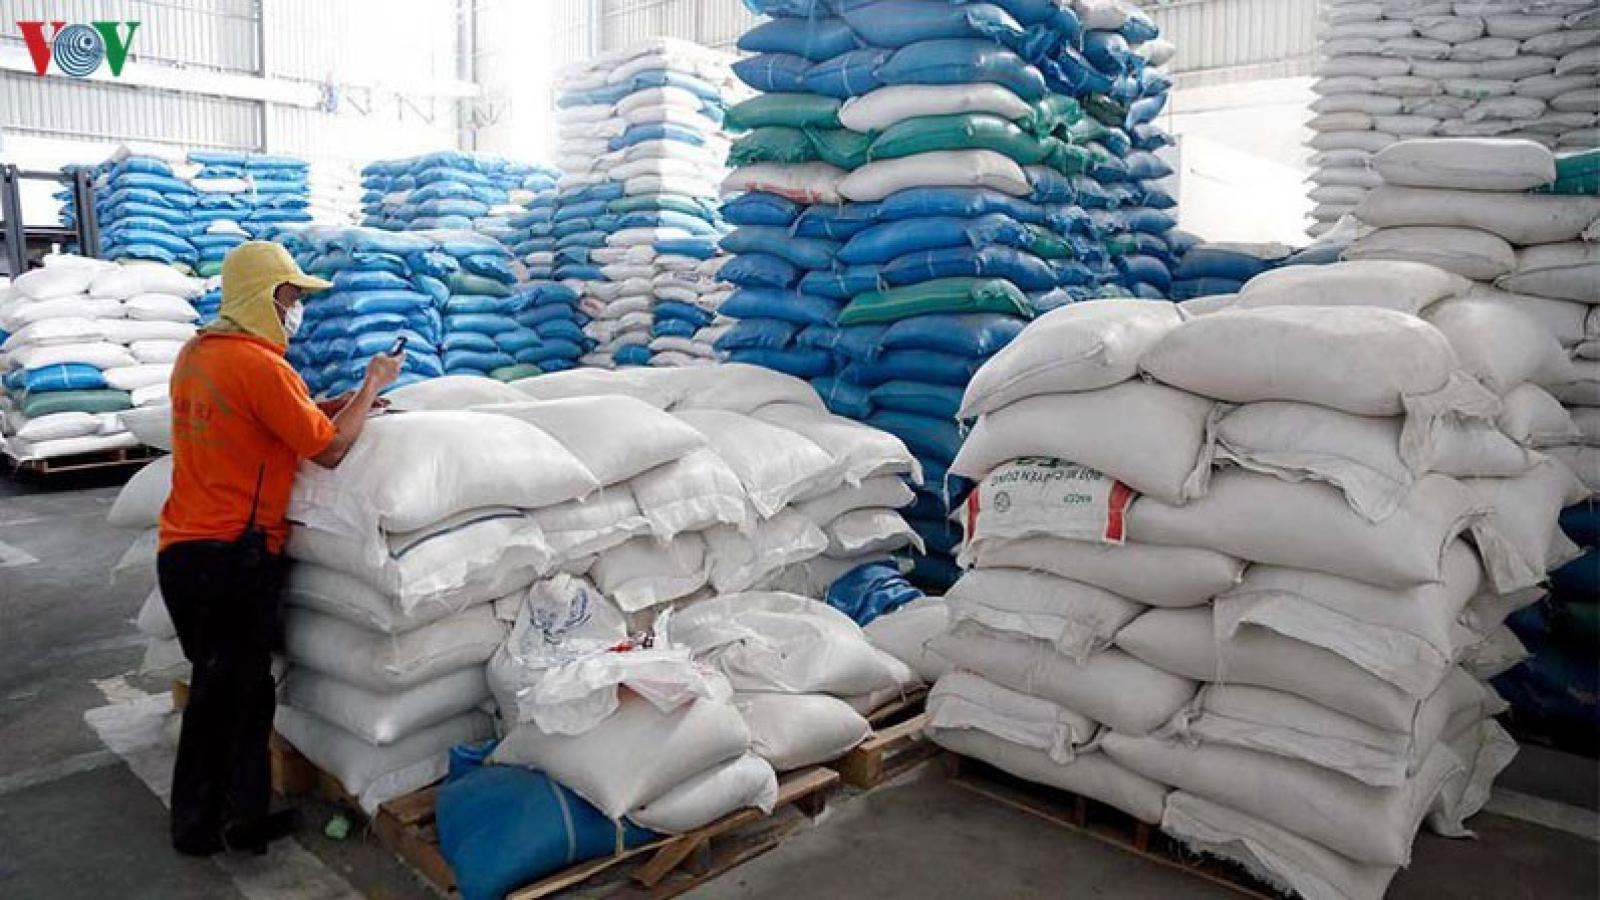 Bộ Công Thương muốn làm rõ thương nhân mở tờ khai khống xuất khẩu gạo